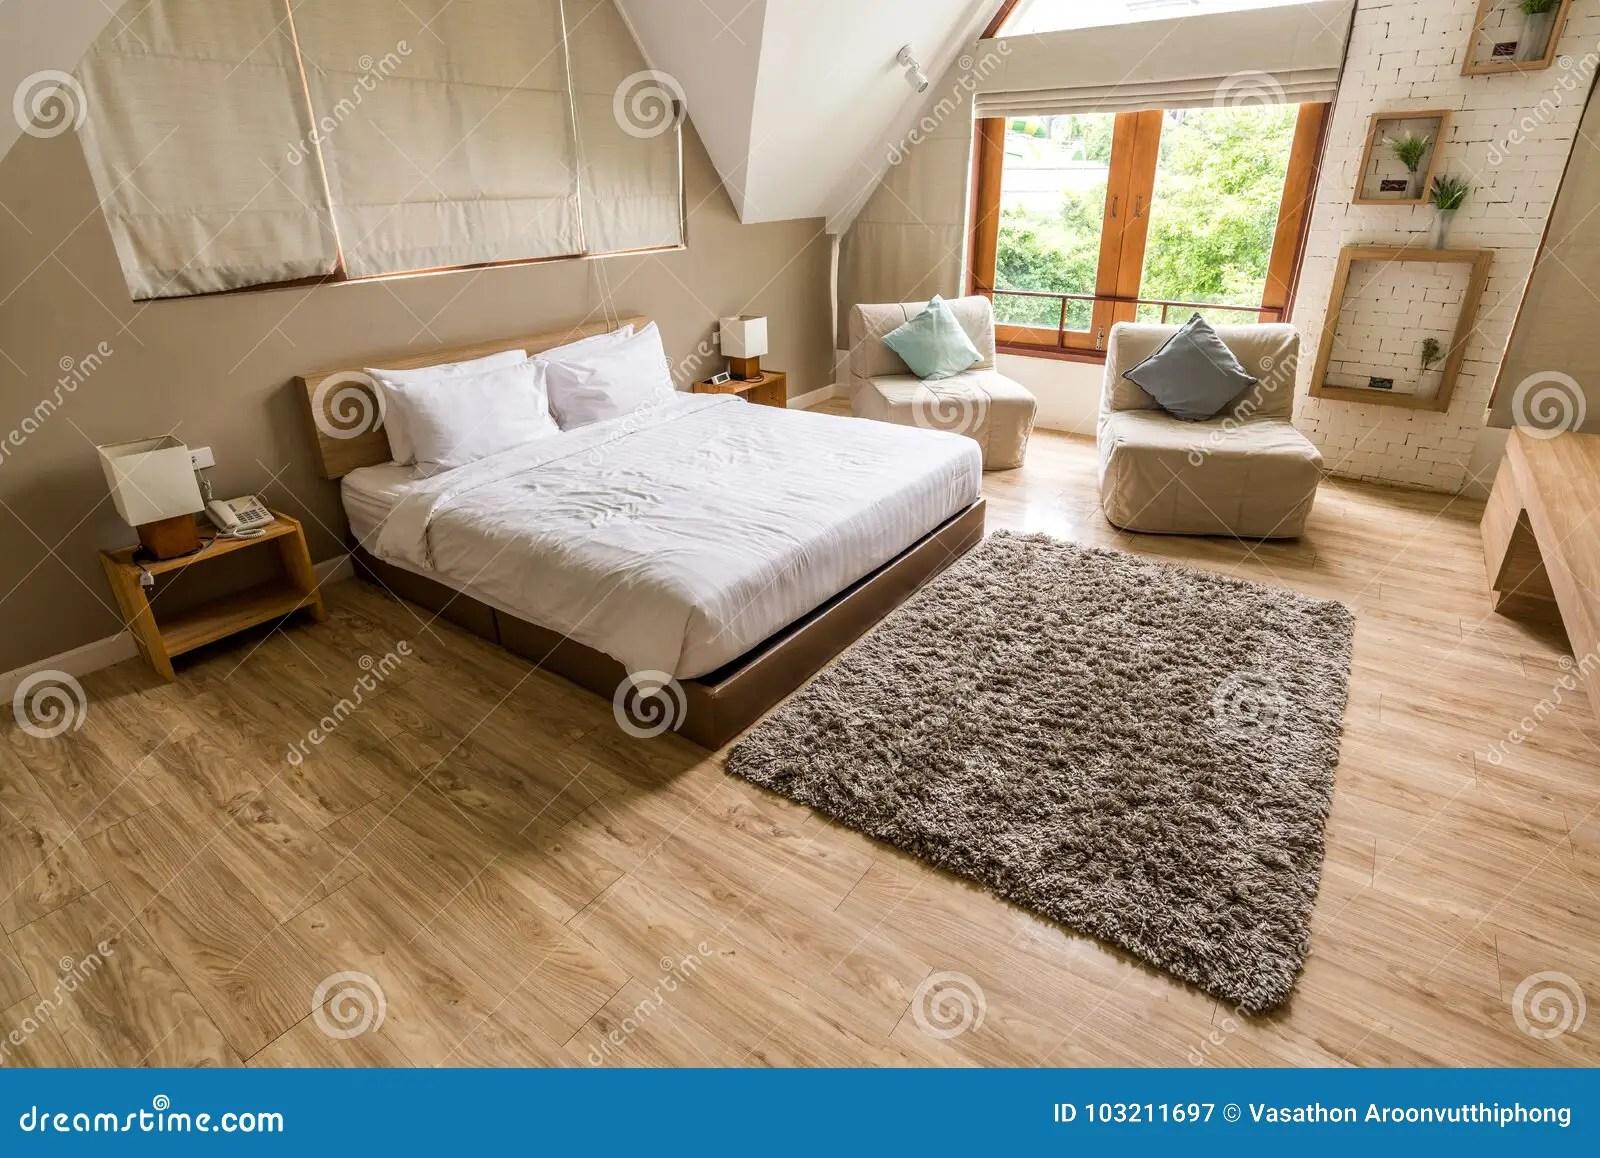 Piastrelle Per Pavimento Camera Da Letto : Quali sono le nuove tendenze per il pavimento della camera da letto